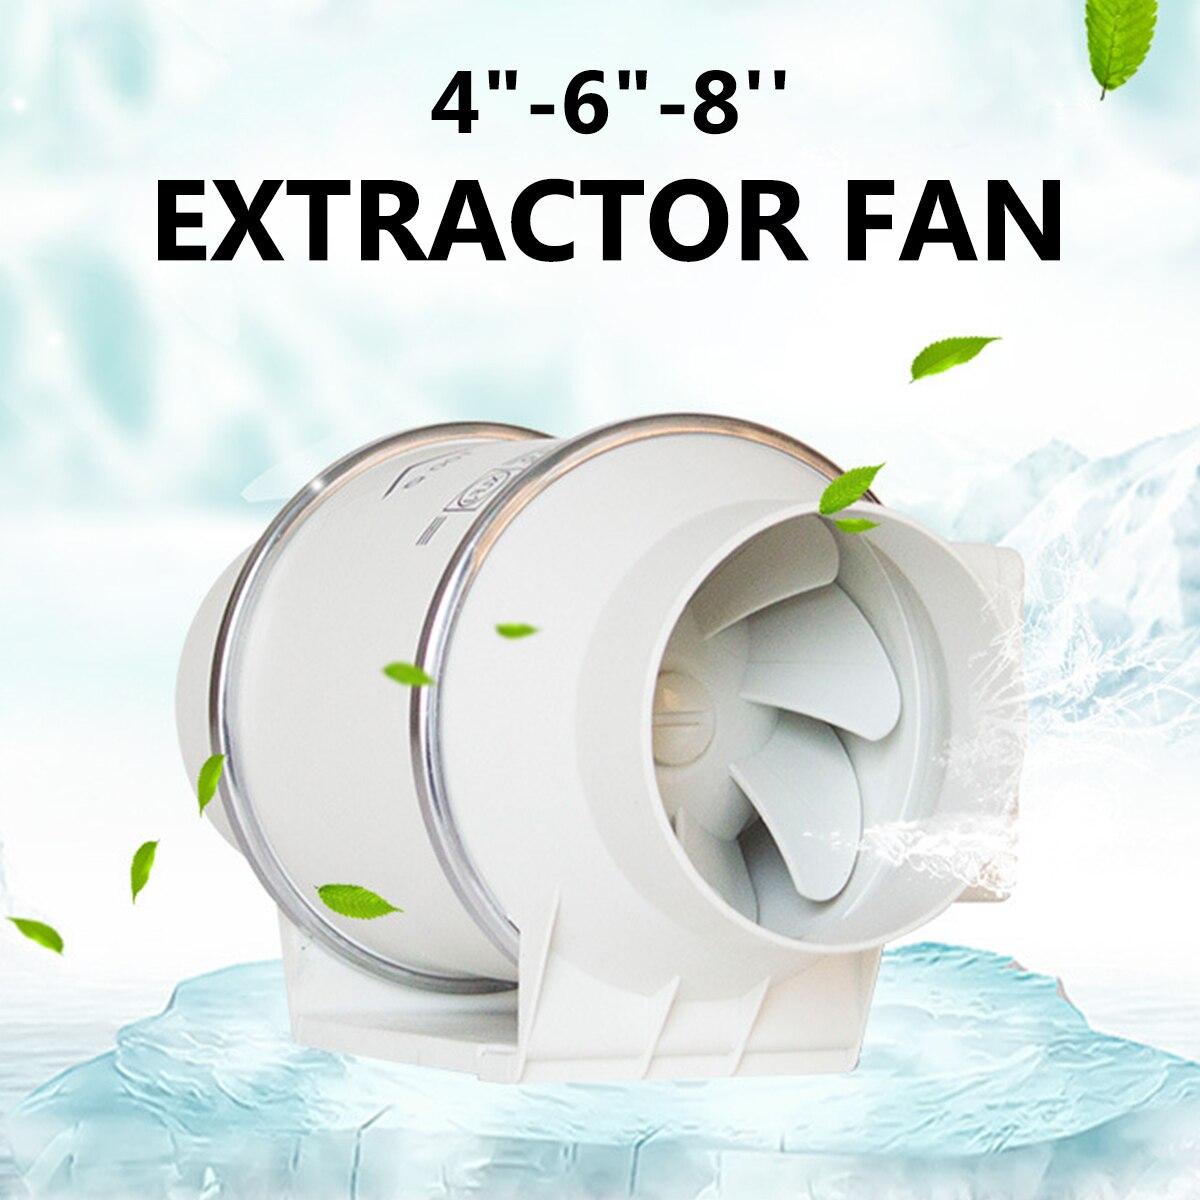 Настенное окно туалеты монтируемый вытяжной вентилятор в 4 6 8 3 Размеры канал вентилятор ABS сталь удаления проветрить очистки воздуха Кухн...